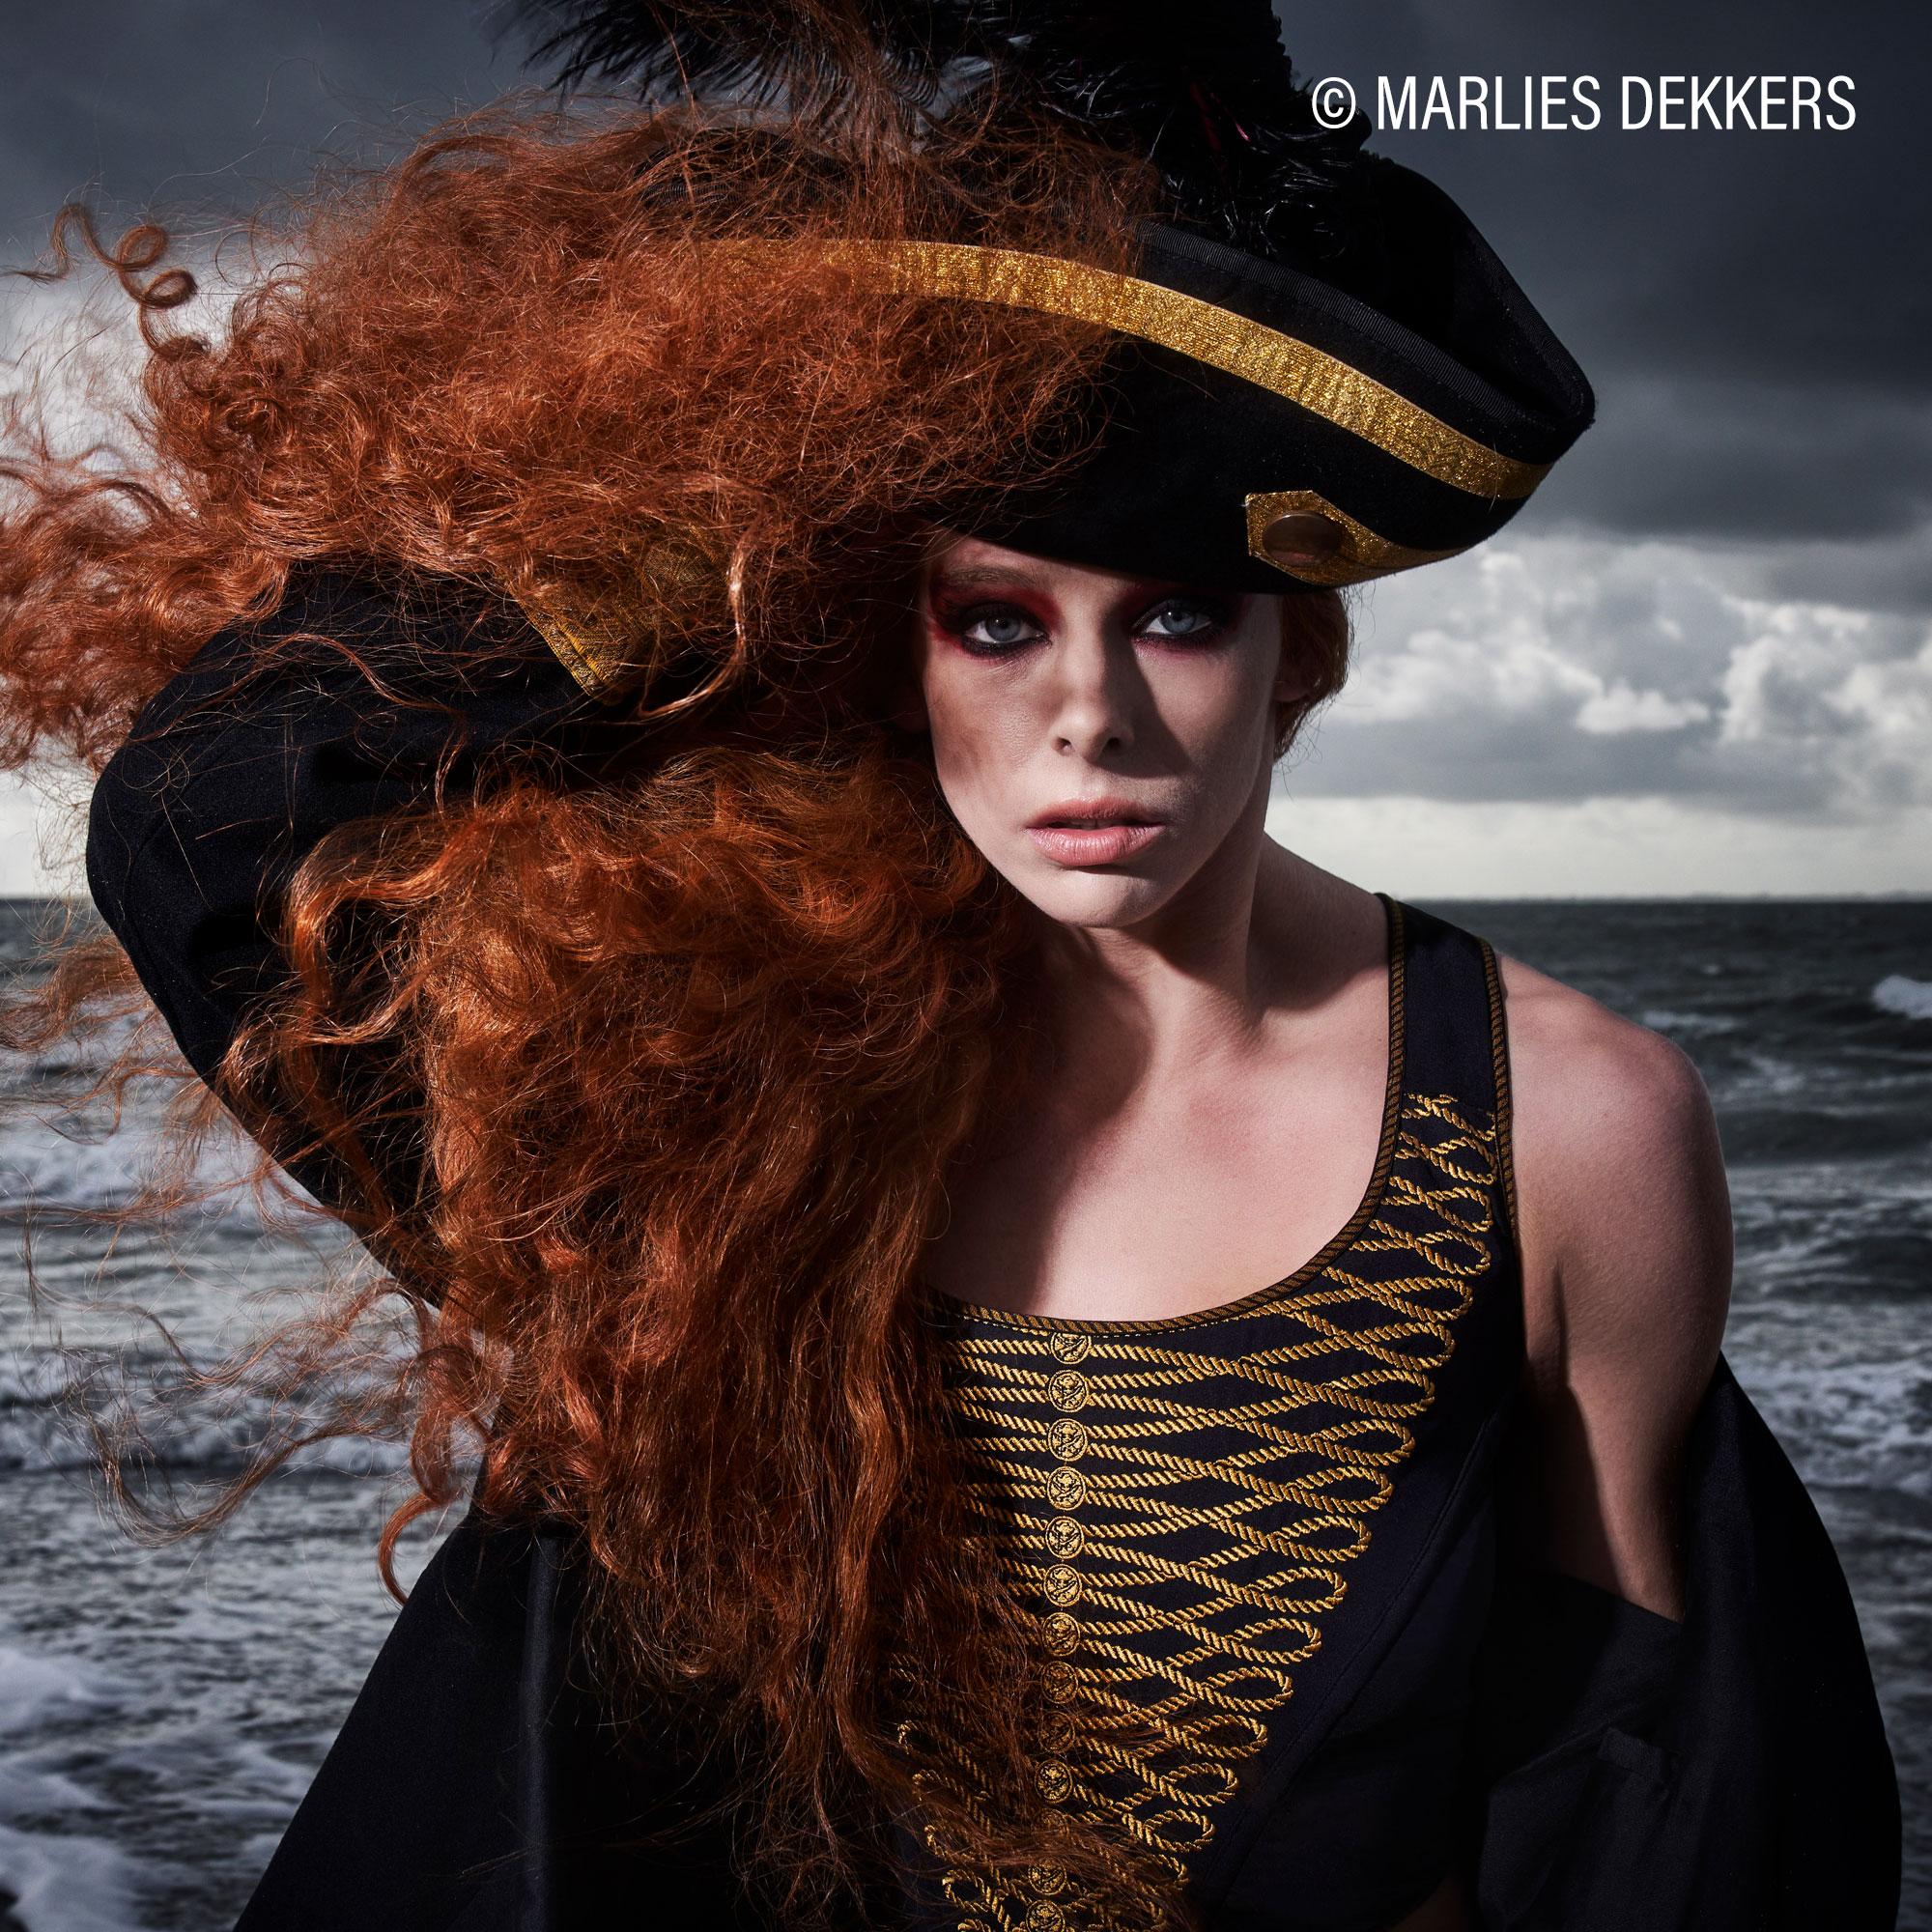 Korsagen von Marlies Dekkers